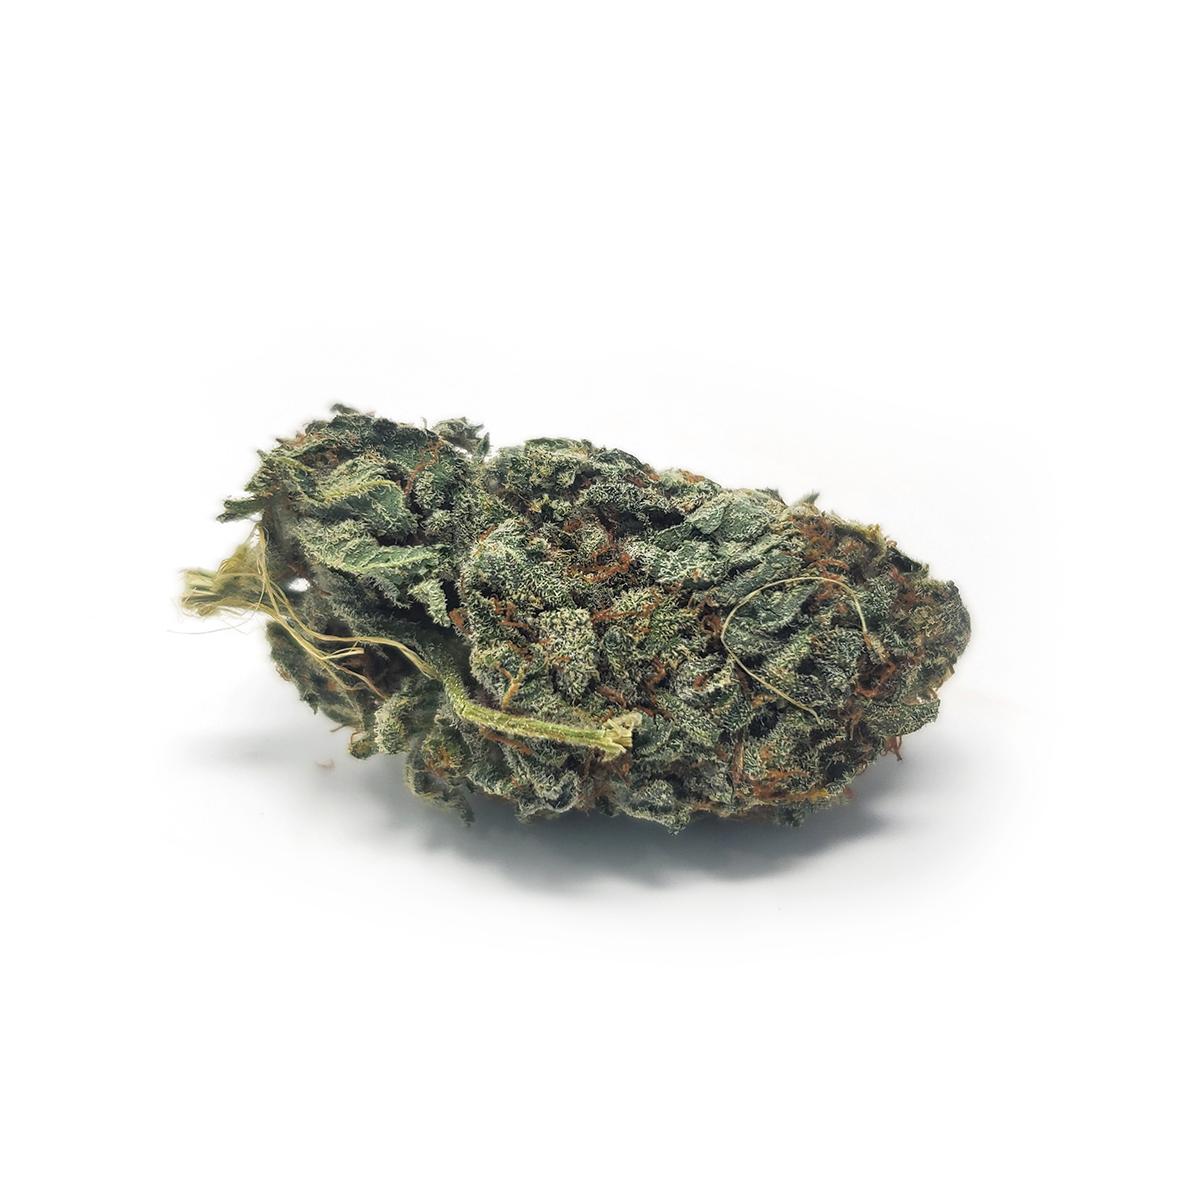 Buy Black Cherry OG Cannabis online